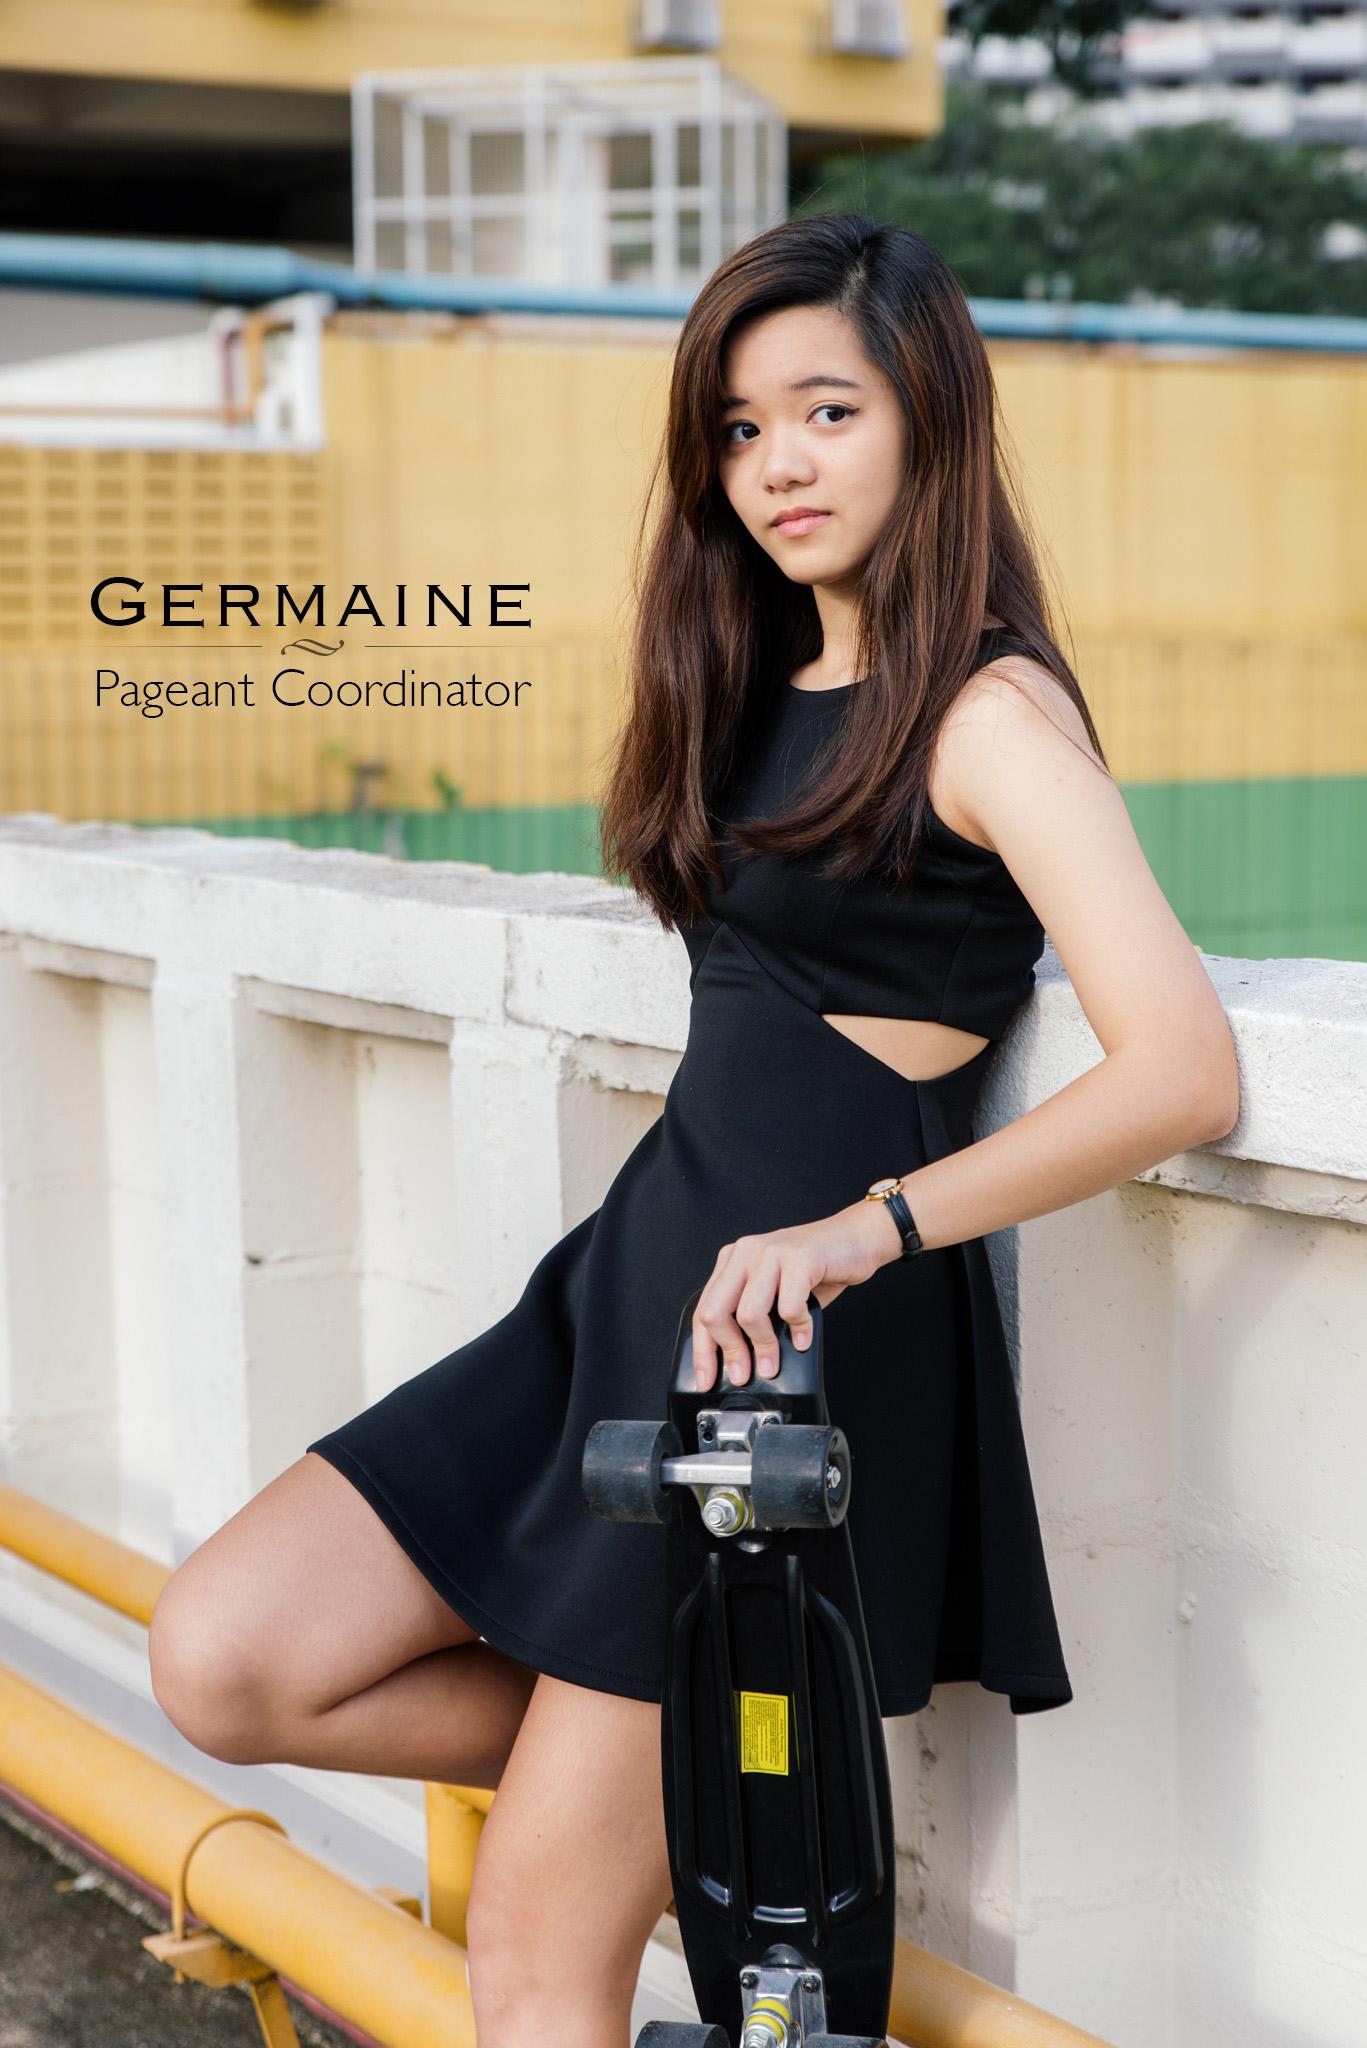 16. Germaine.jpg